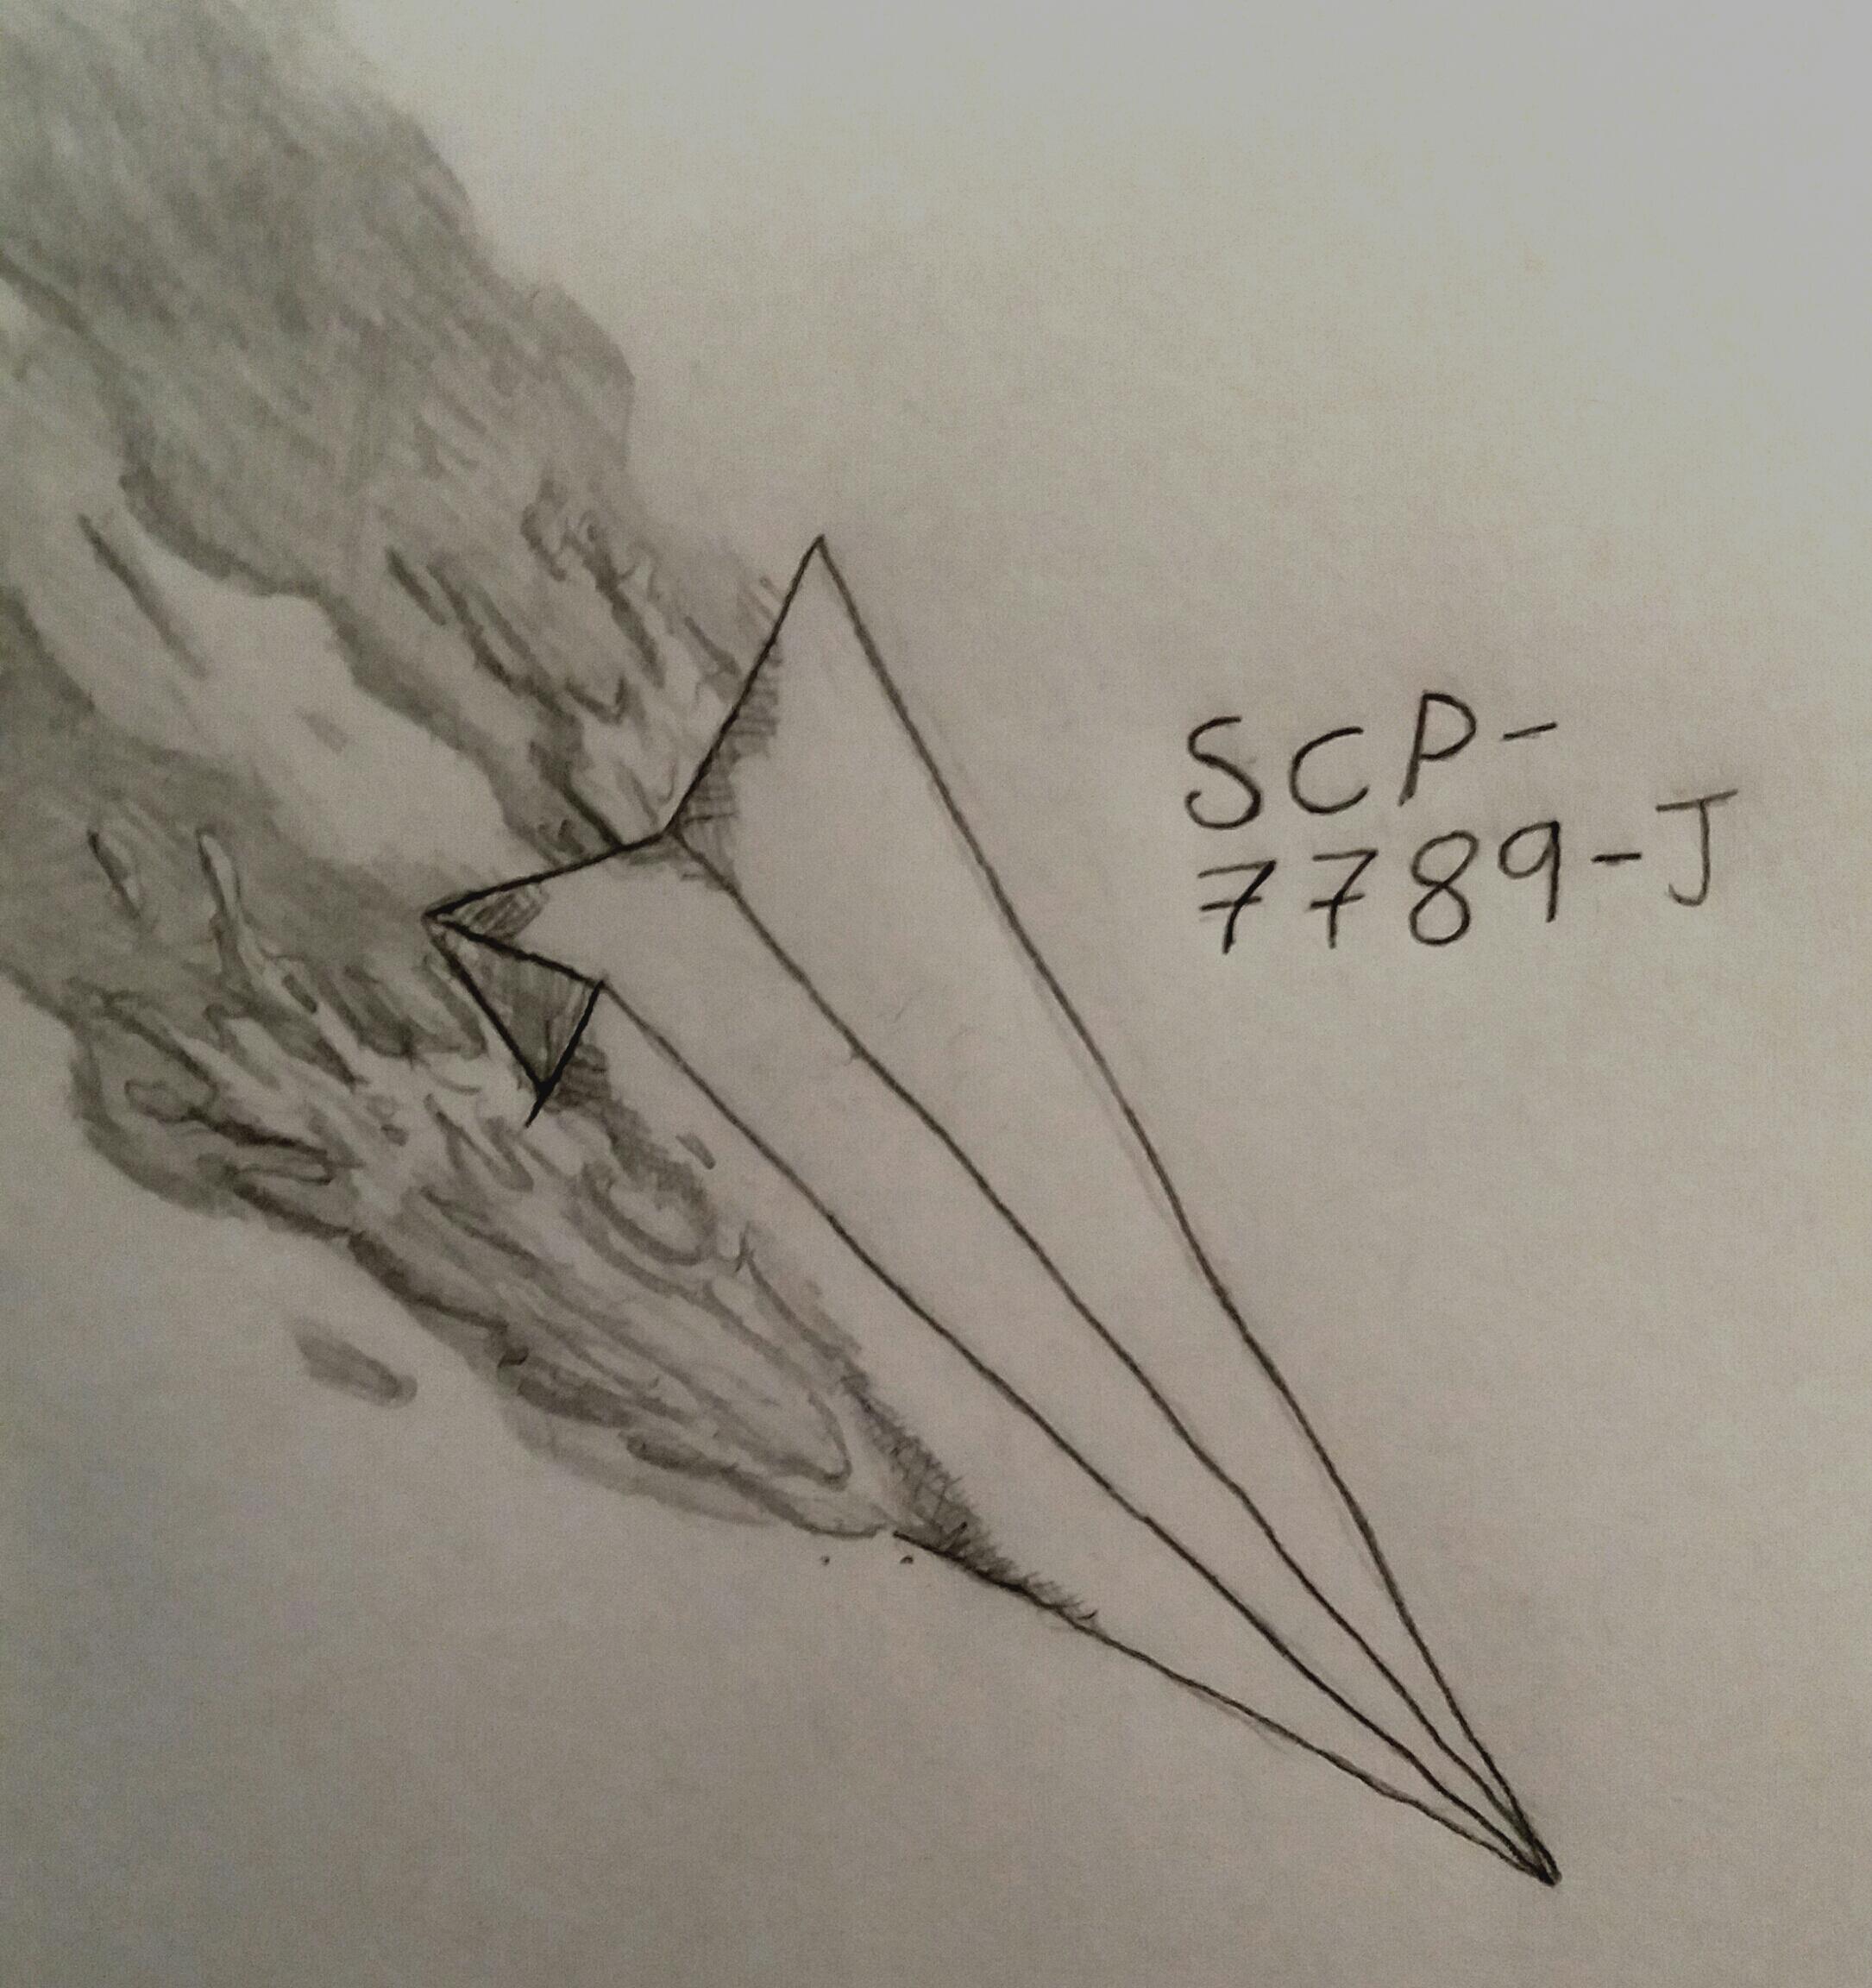 7789-J.jpg